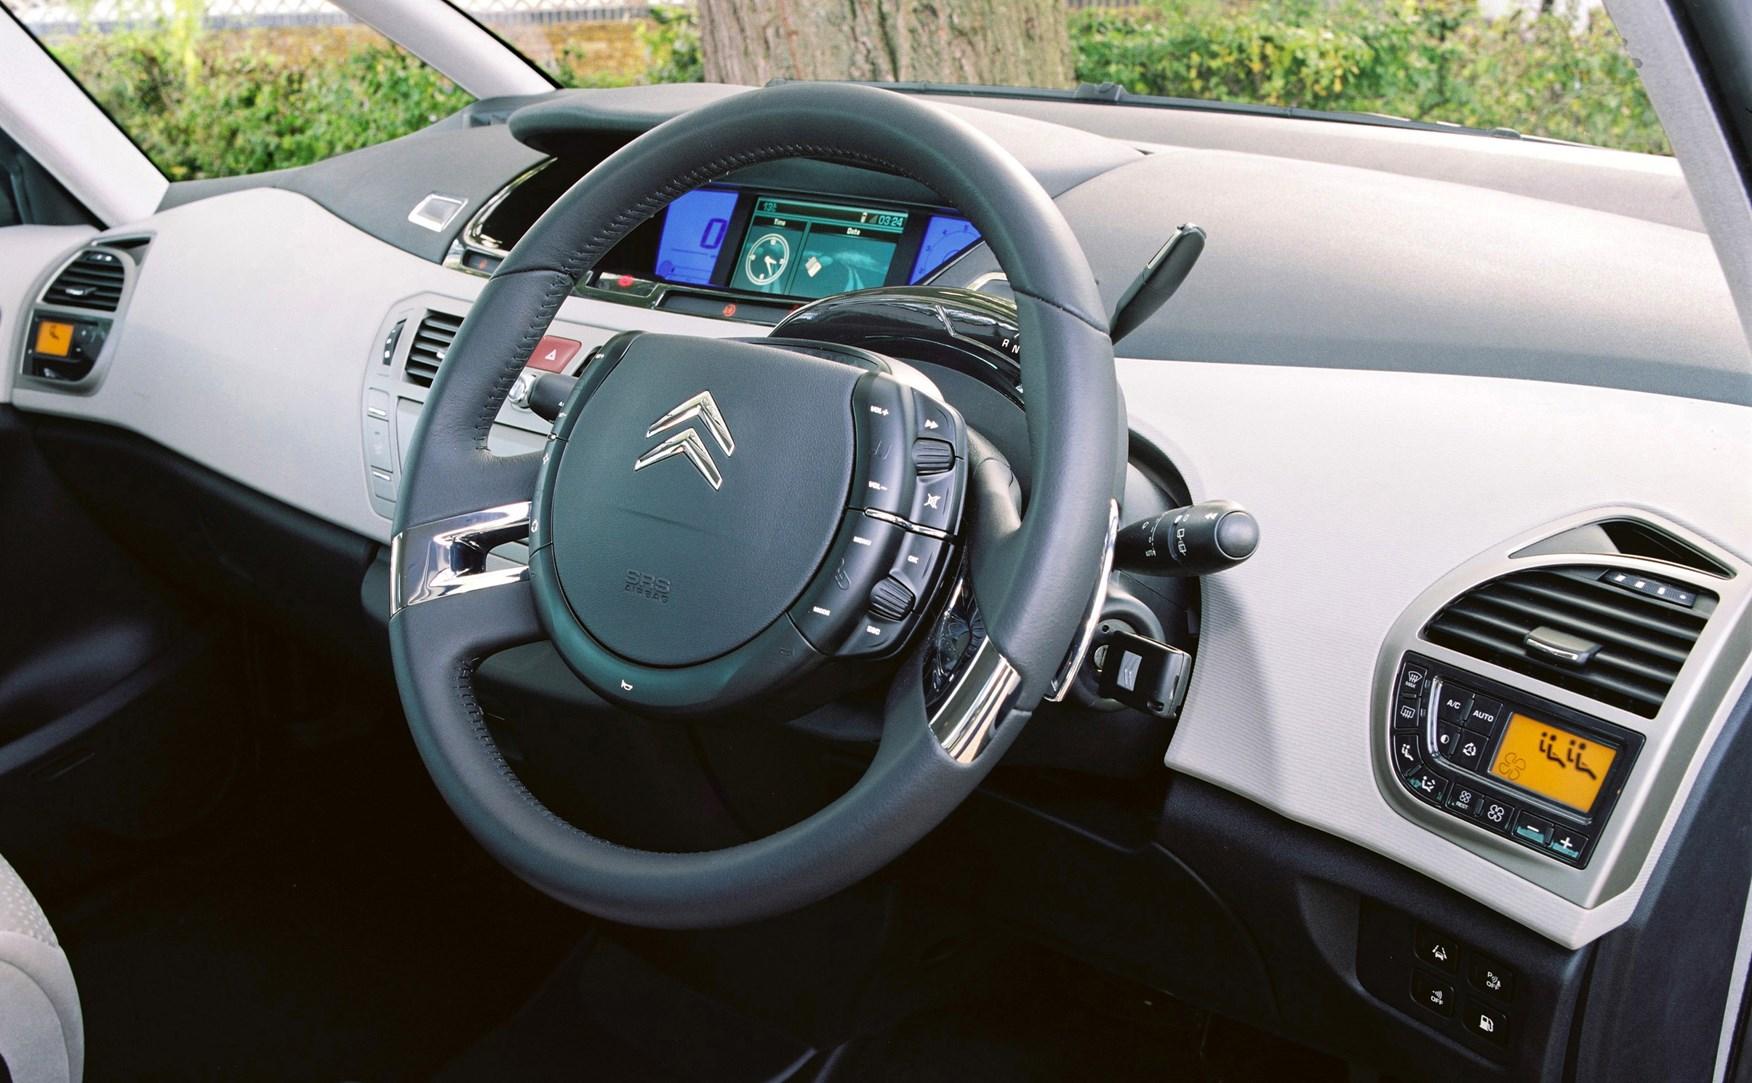 Best 7 Seater Cars >> Citroën C4 Picasso Estate (2007 - 2013) Photos | Parkers